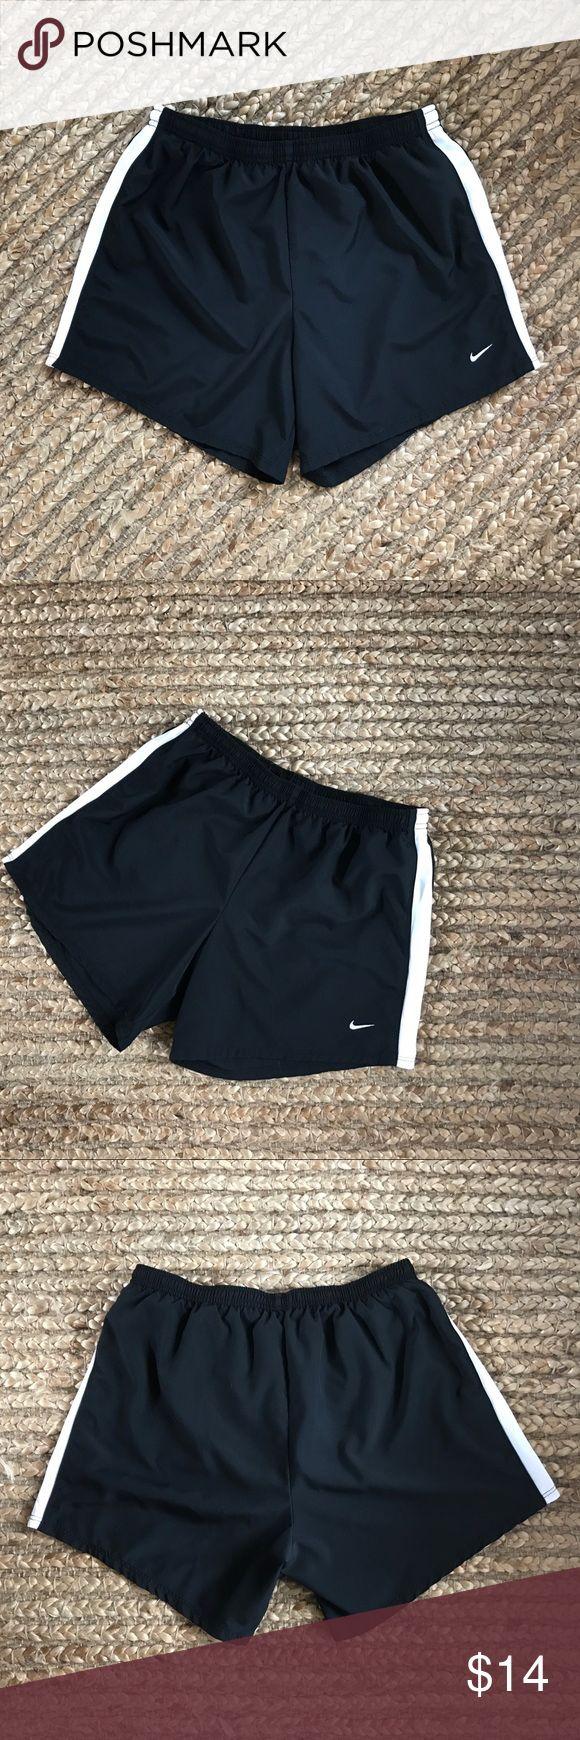 Nike Shorts Schwarze Nike Shorts mit weißem Mesh-Material an den Seiten, …   – My Posh Picks